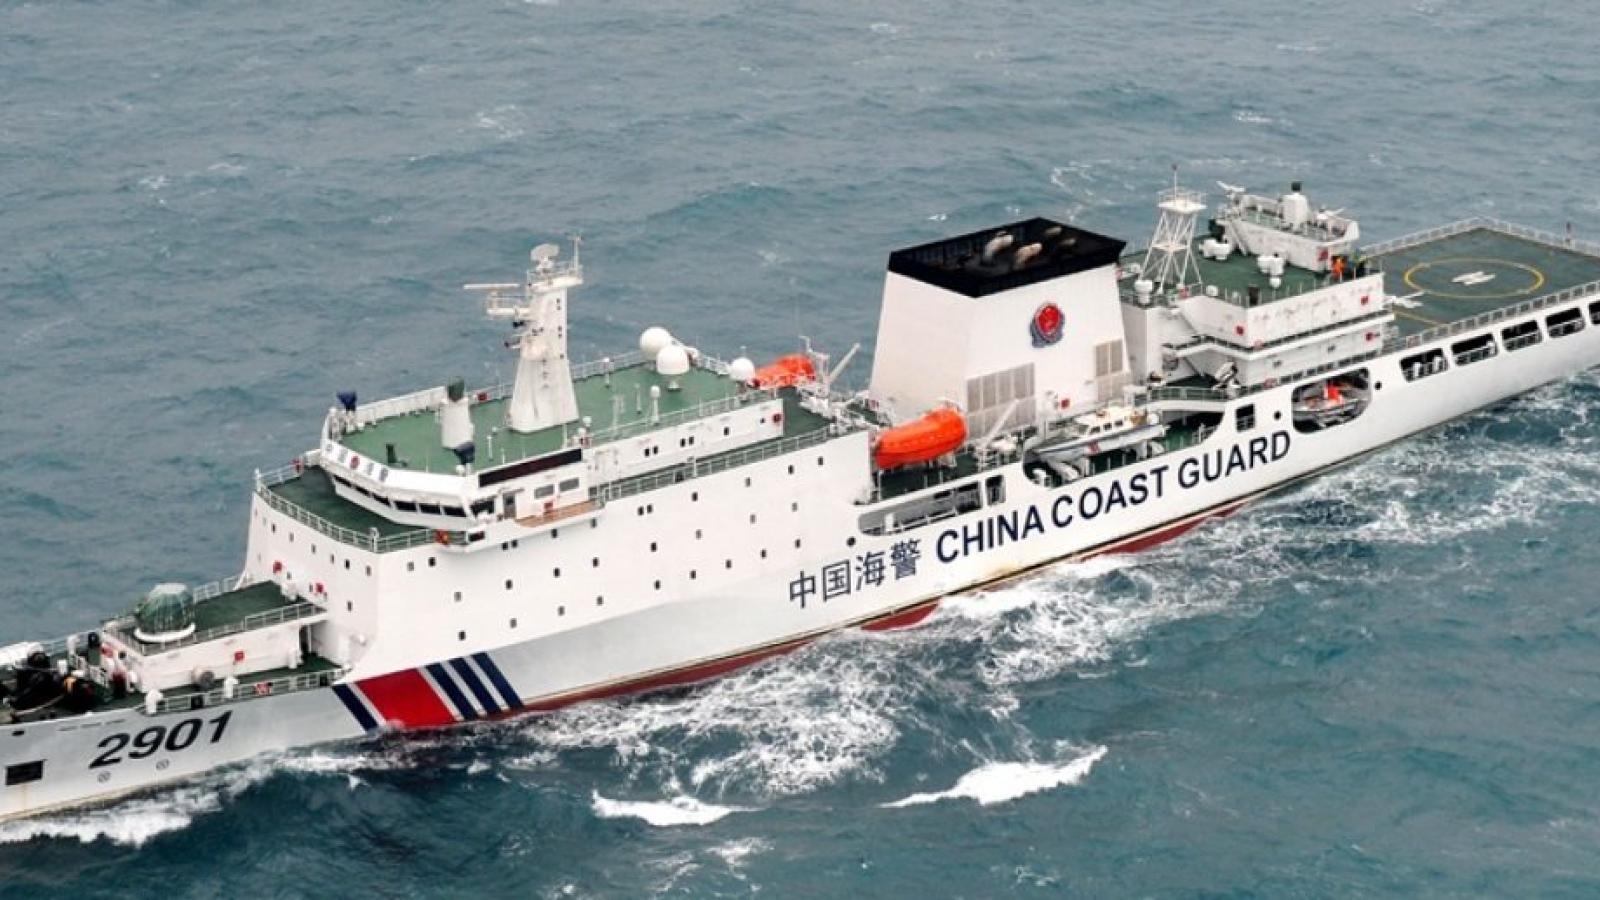 Nhật Bản lập chiến lược đối phó Luật Hải cảnh của Trung Quốc